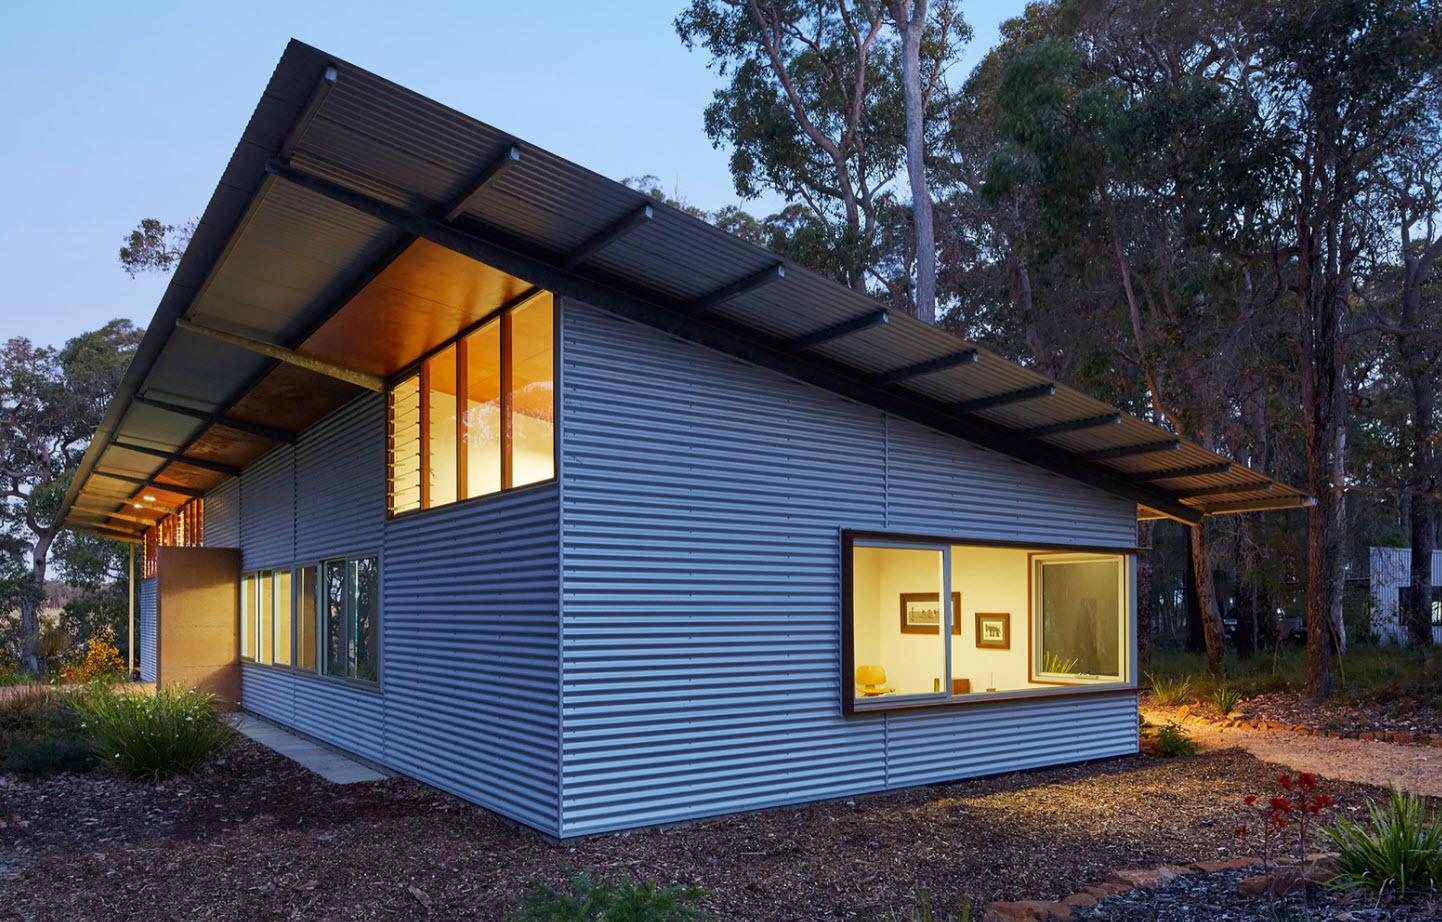 Casa rural con paneles metálicos galvanizados